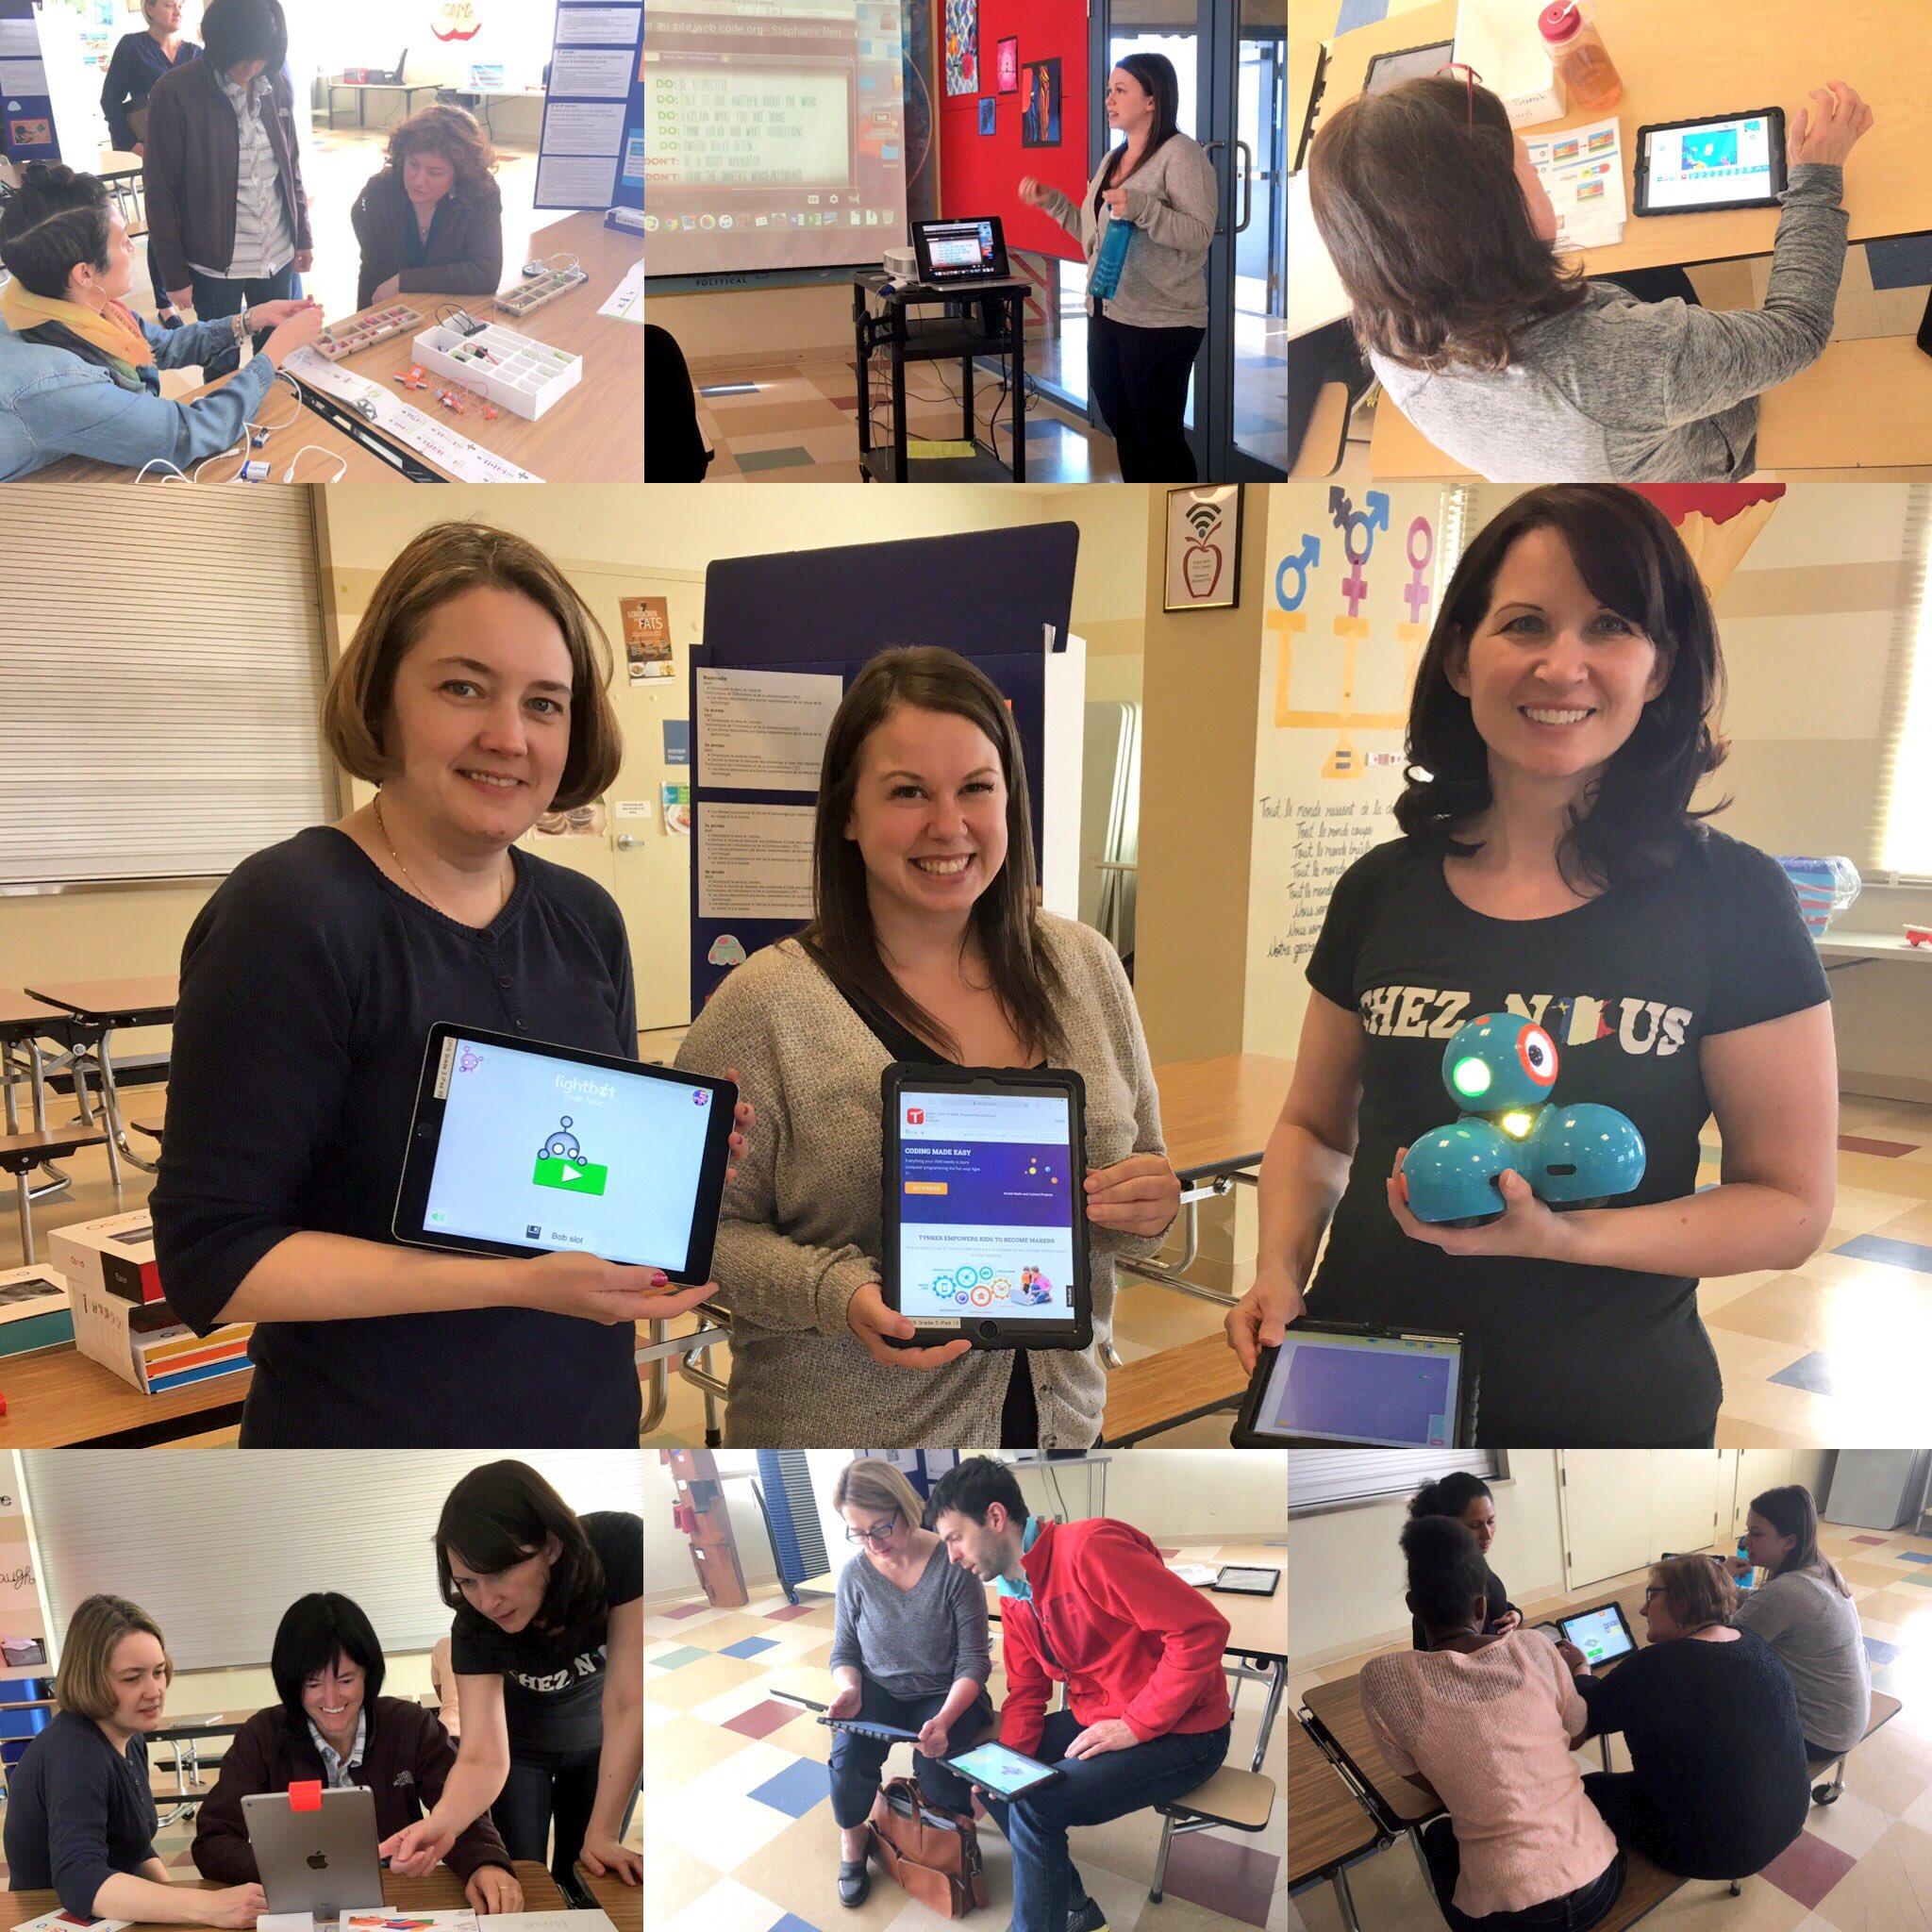 These amazing Ts hosted a teacher #HourofCode introducing @ScratchJr @littleBits @lightbotcom @WonderWorkshop @hourofcode #CFISinnovate17 https://t.co/sQP53GsLjg